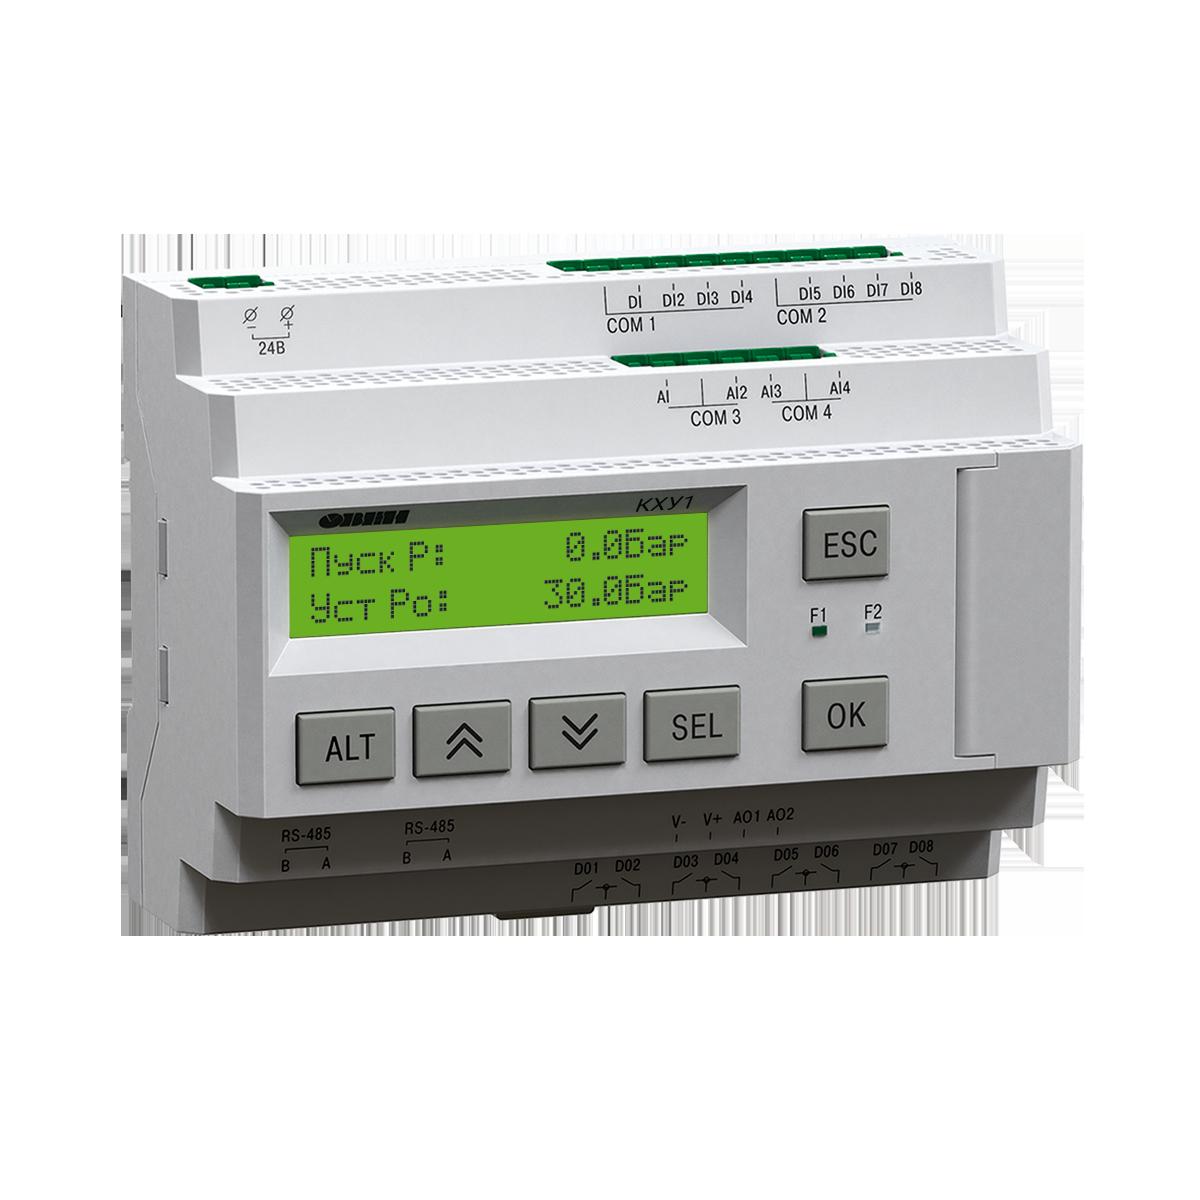 КХУ1 контроллер для управления холодильными установками